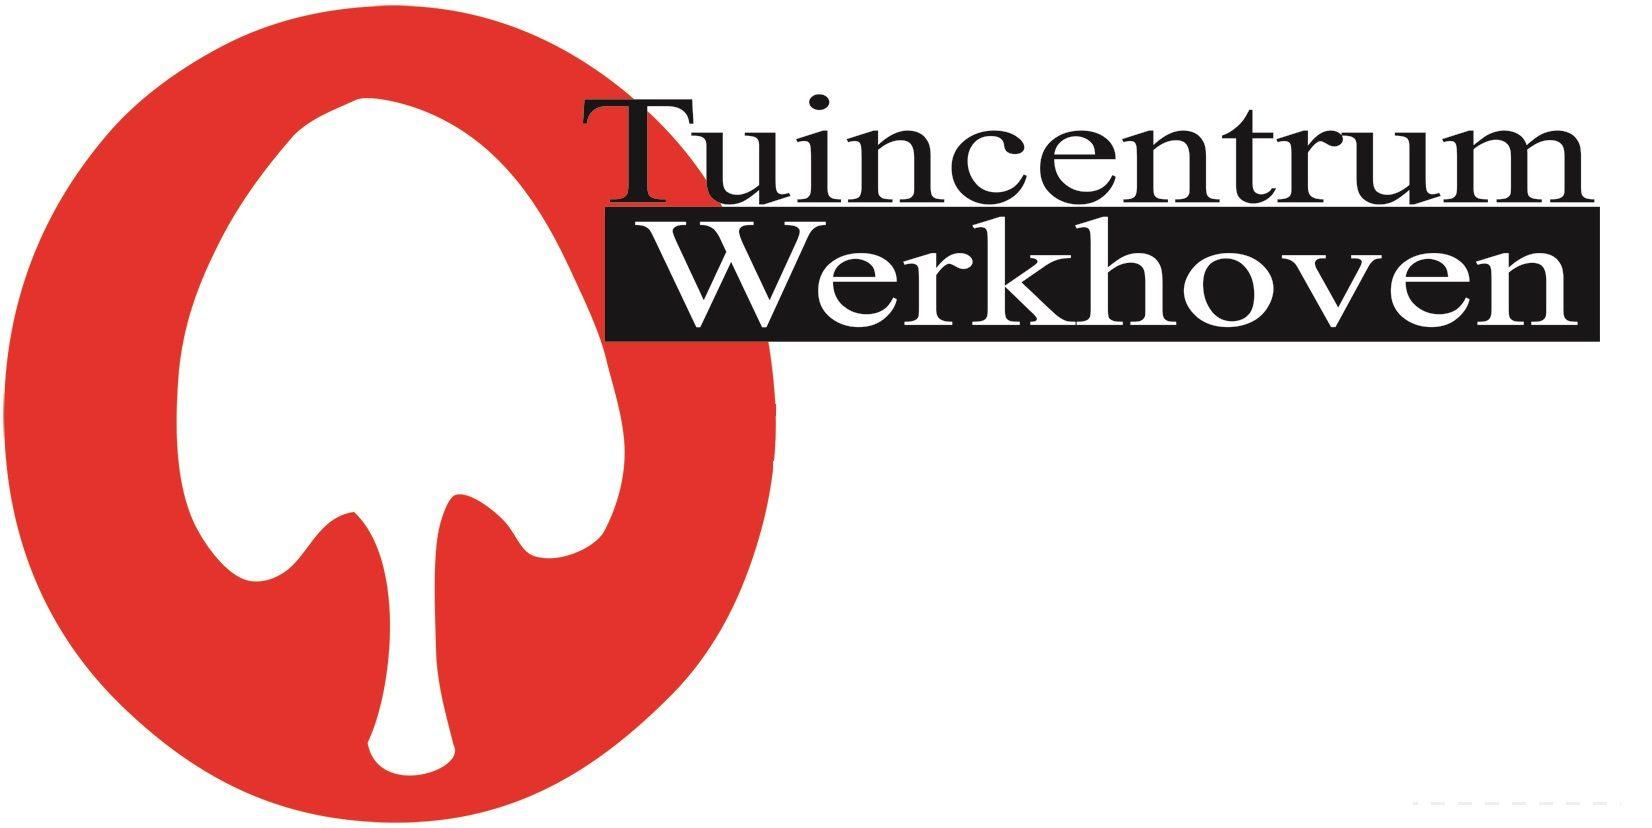 Tuincentrum Werkhoven